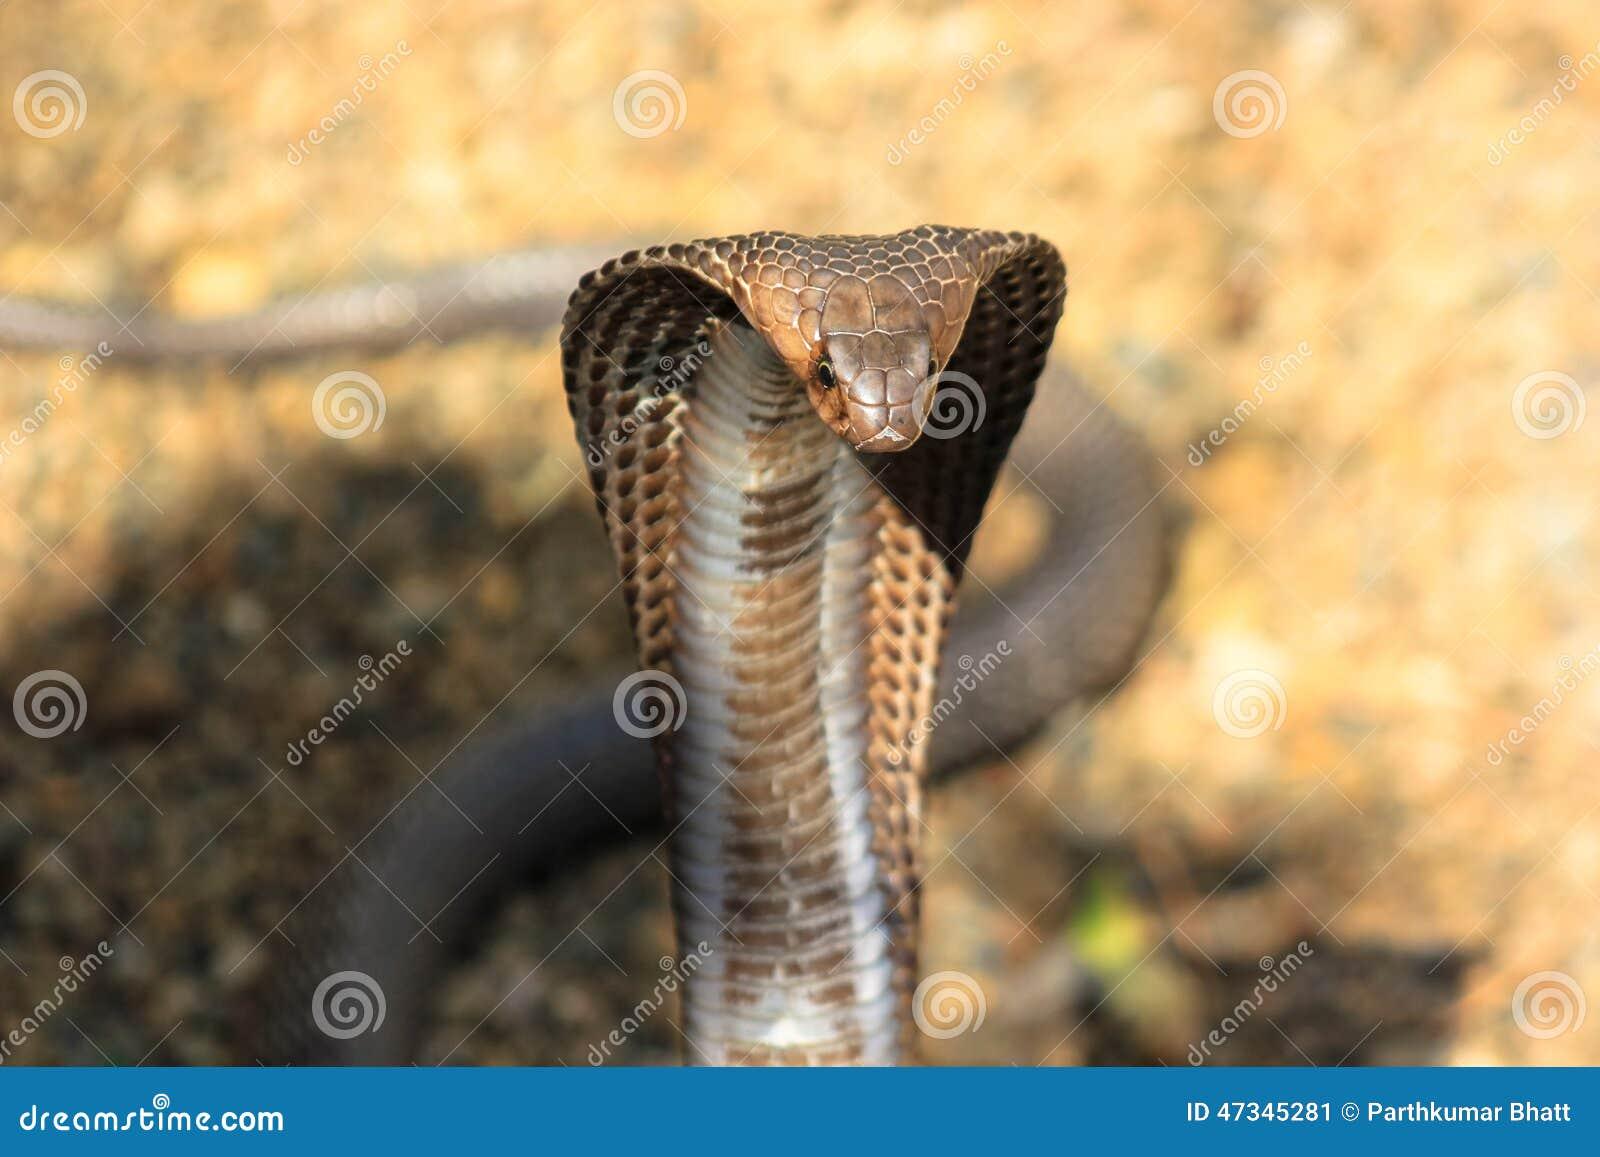 眼镜蛇蛇在印度